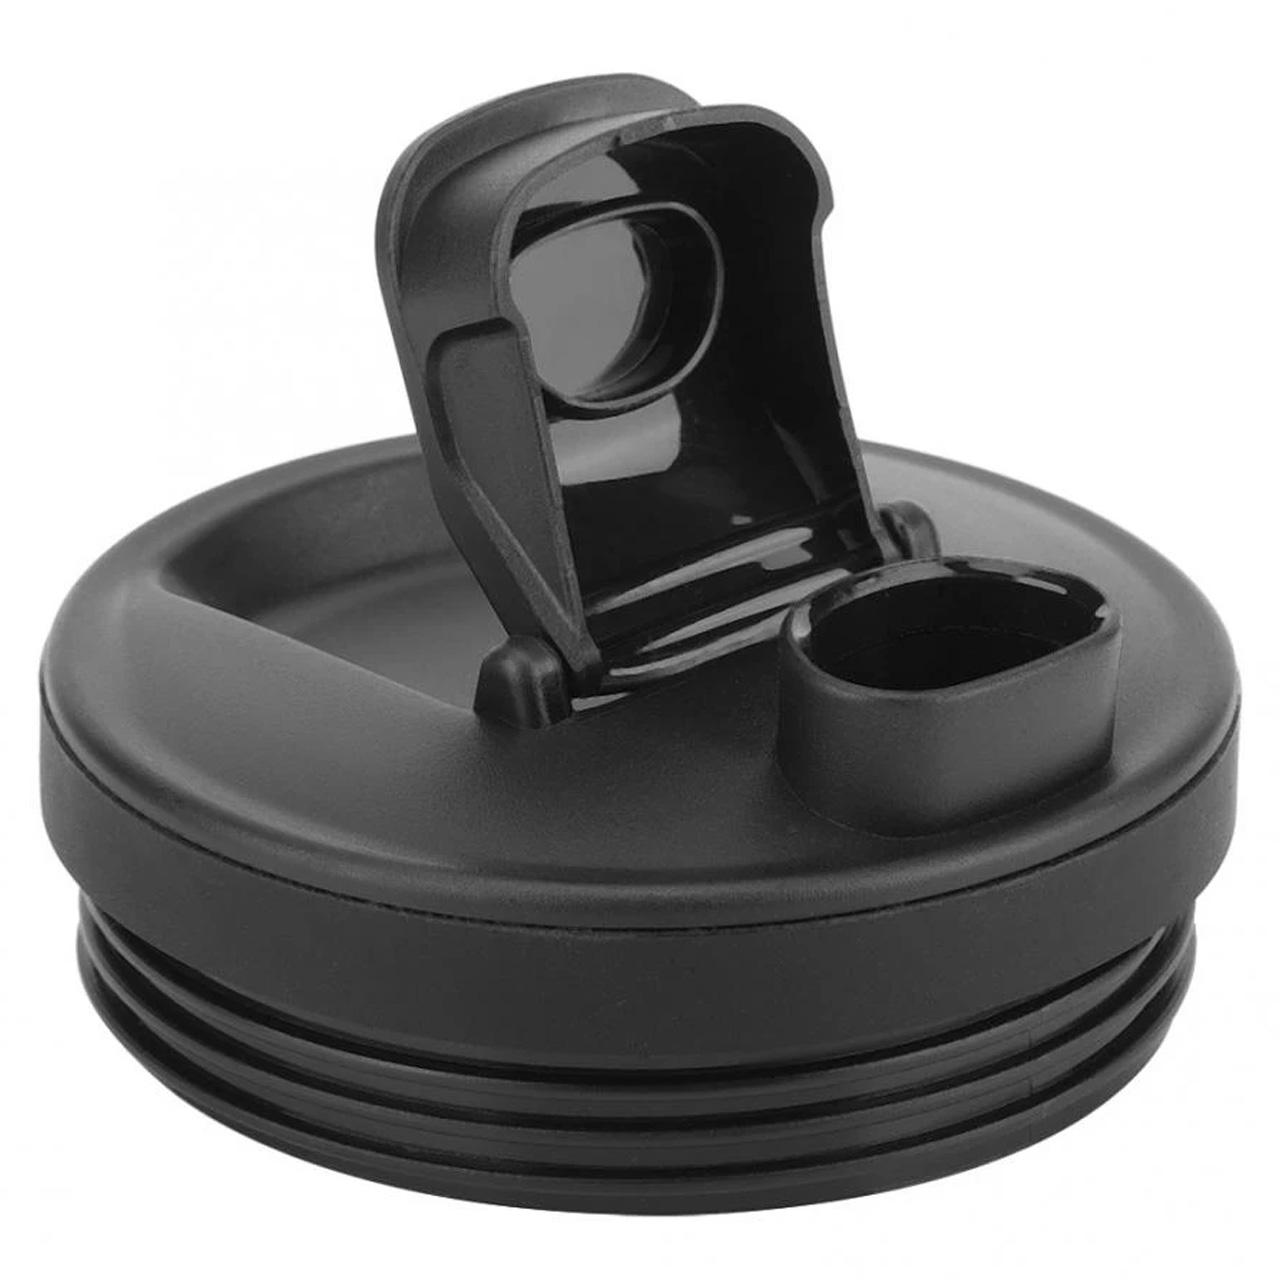 Tampa Flip Top para Liquidificador Nutri Ninja BL201 BL660 BL773CO BL810 - Pronta Entrega